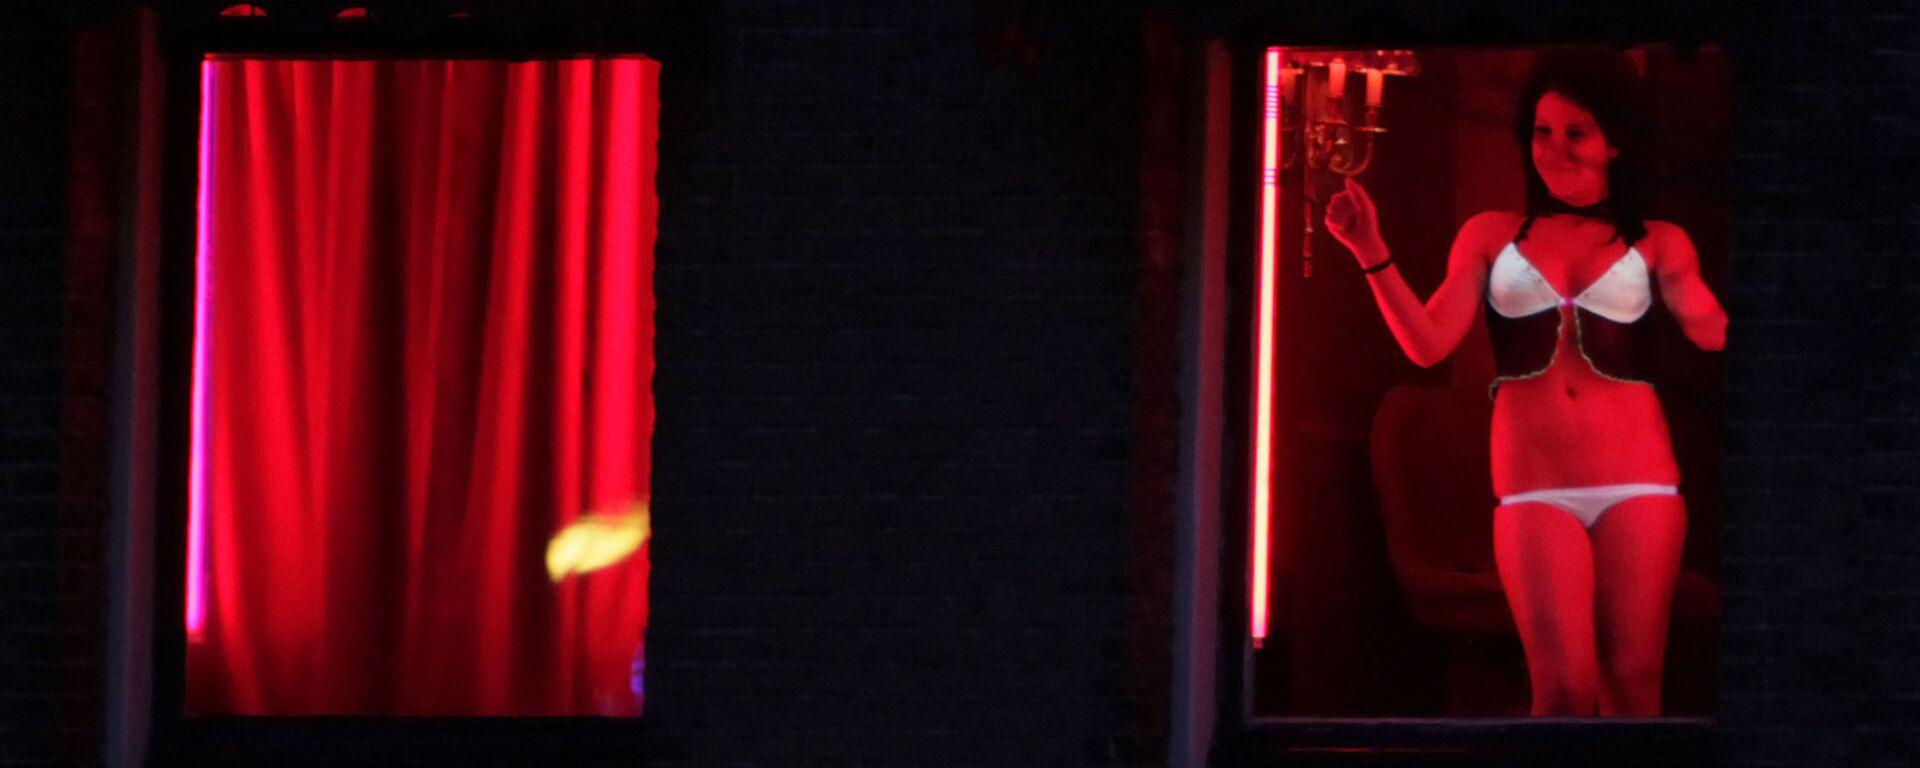 Trabajadora sexual en el barrio rojo de Ámsterdam (Países Bajos) - Sputnik Mundo, 1920, 02.06.2021